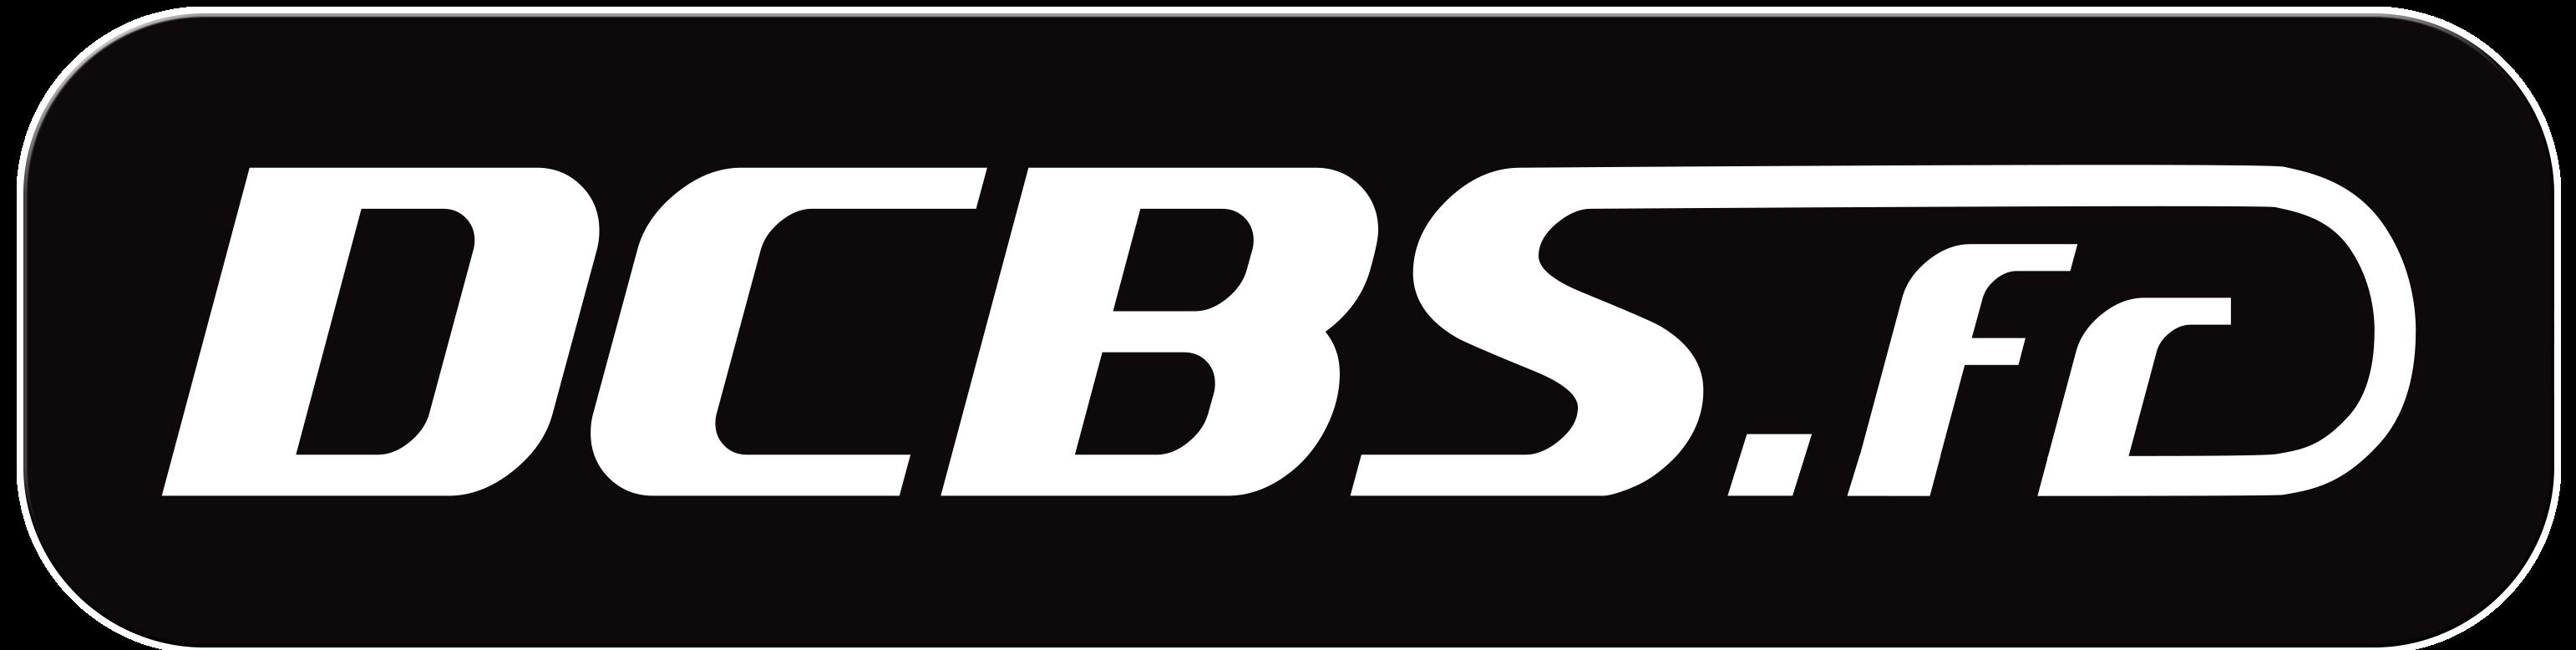 Le Blog | DCBS.fr